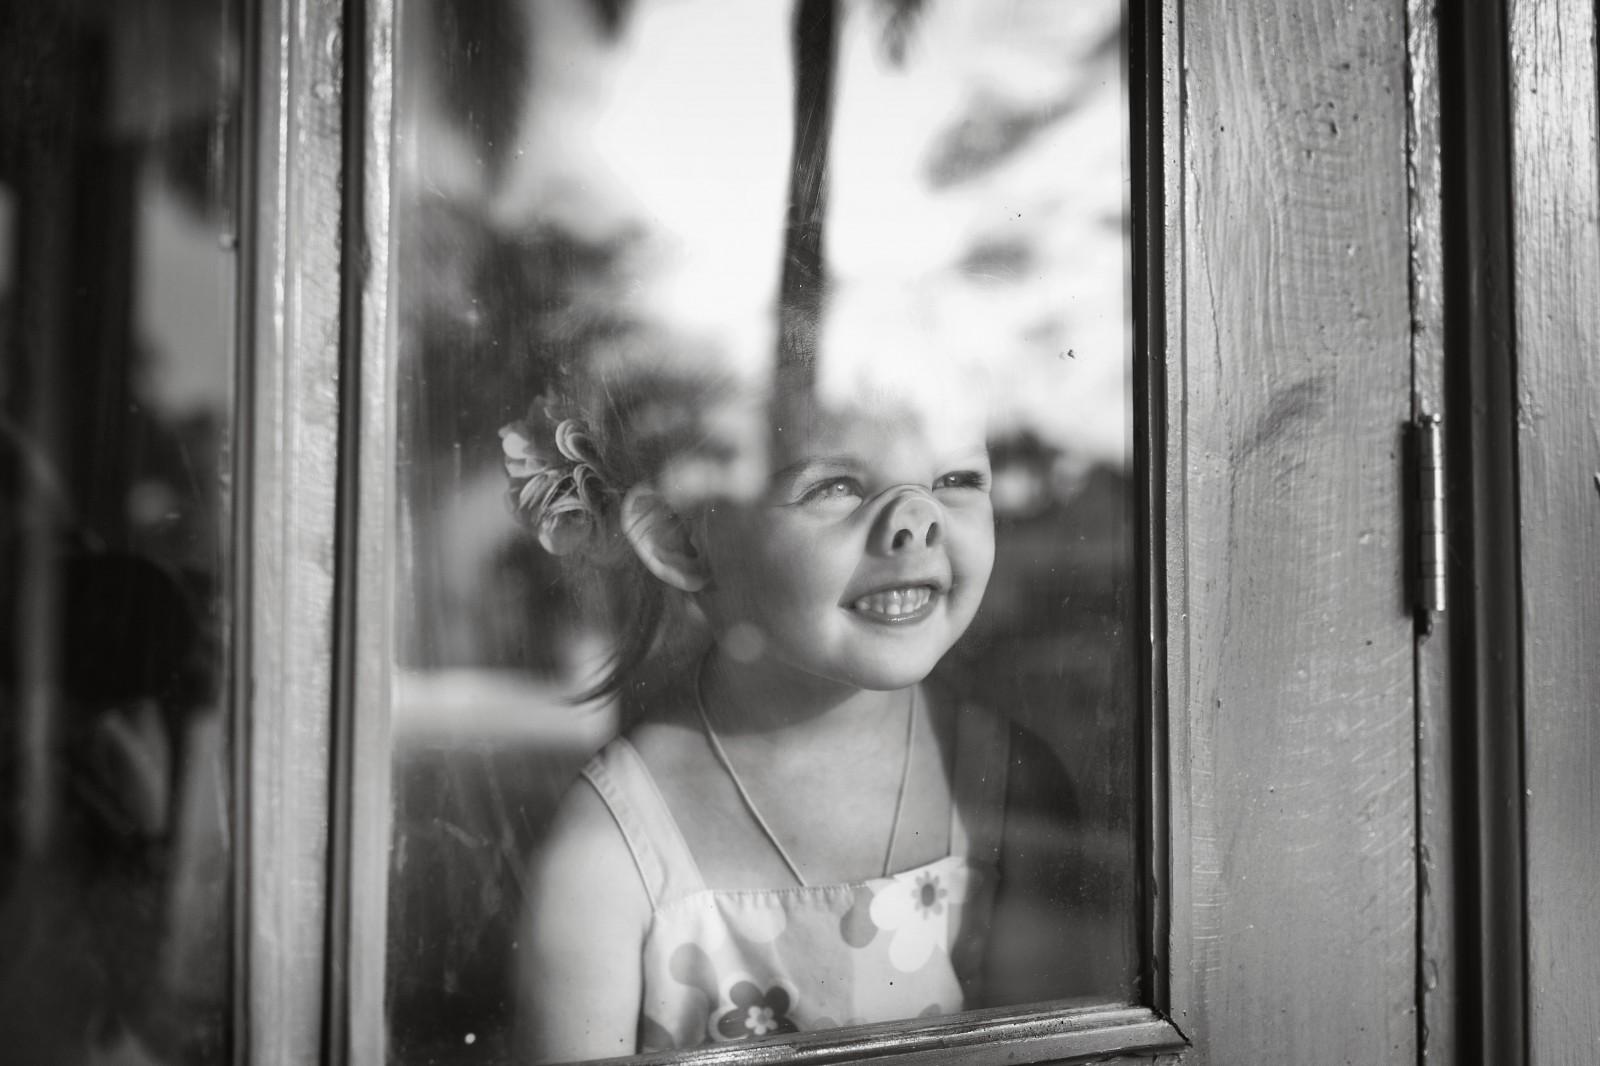 Смешные картинки девочка у стекла, история